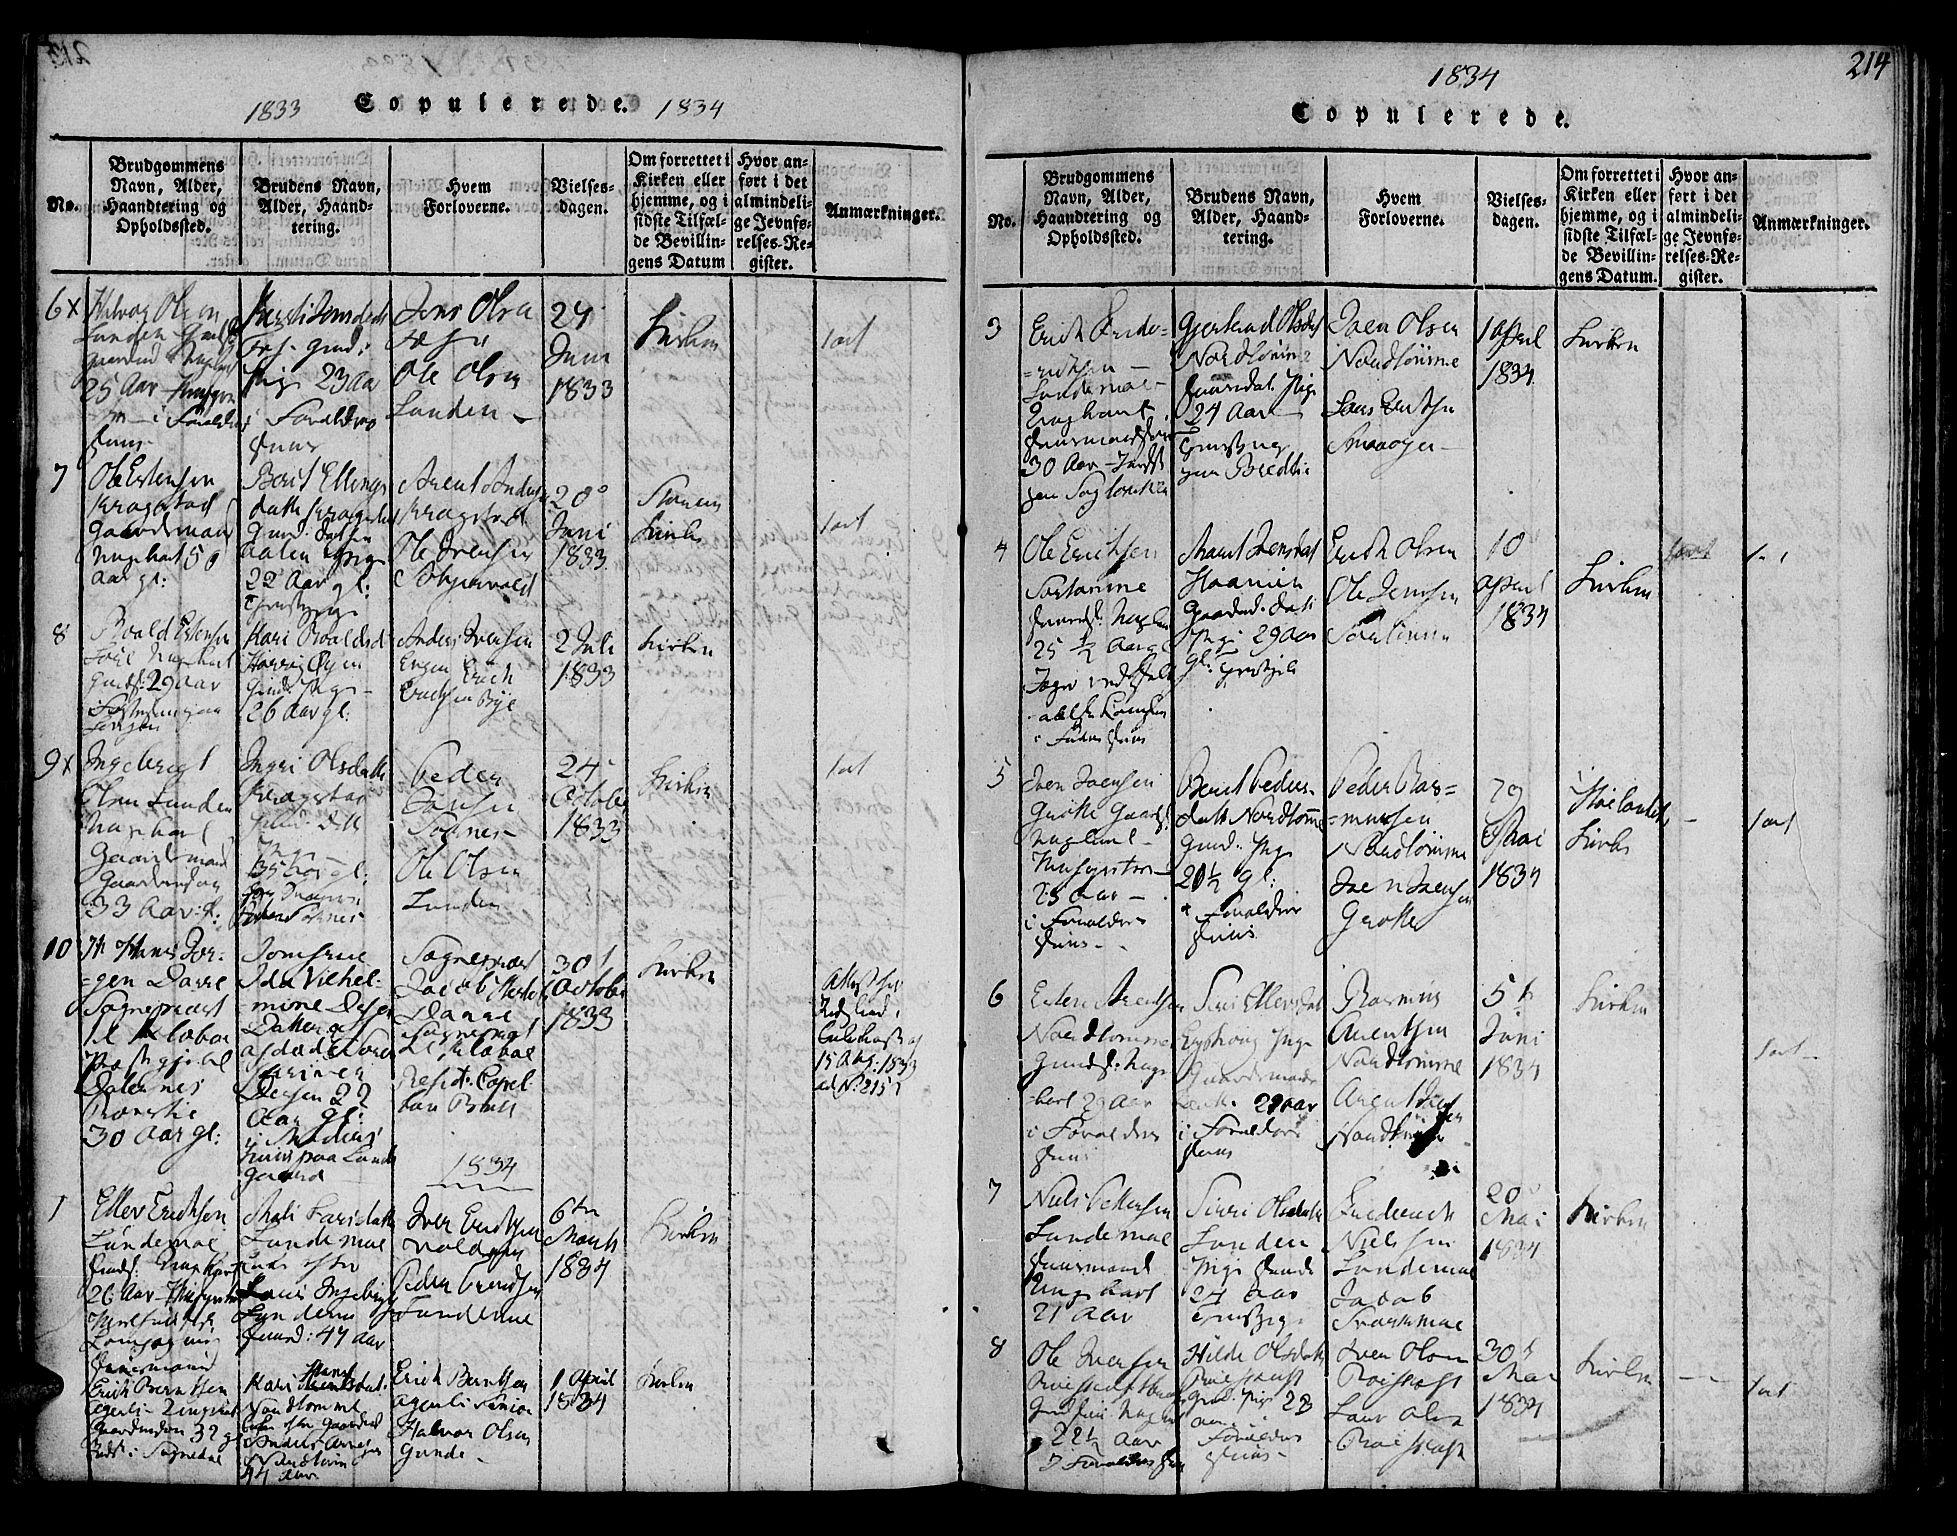 SAT, Ministerialprotokoller, klokkerbøker og fødselsregistre - Sør-Trøndelag, 692/L1102: Ministerialbok nr. 692A02, 1816-1842, s. 214